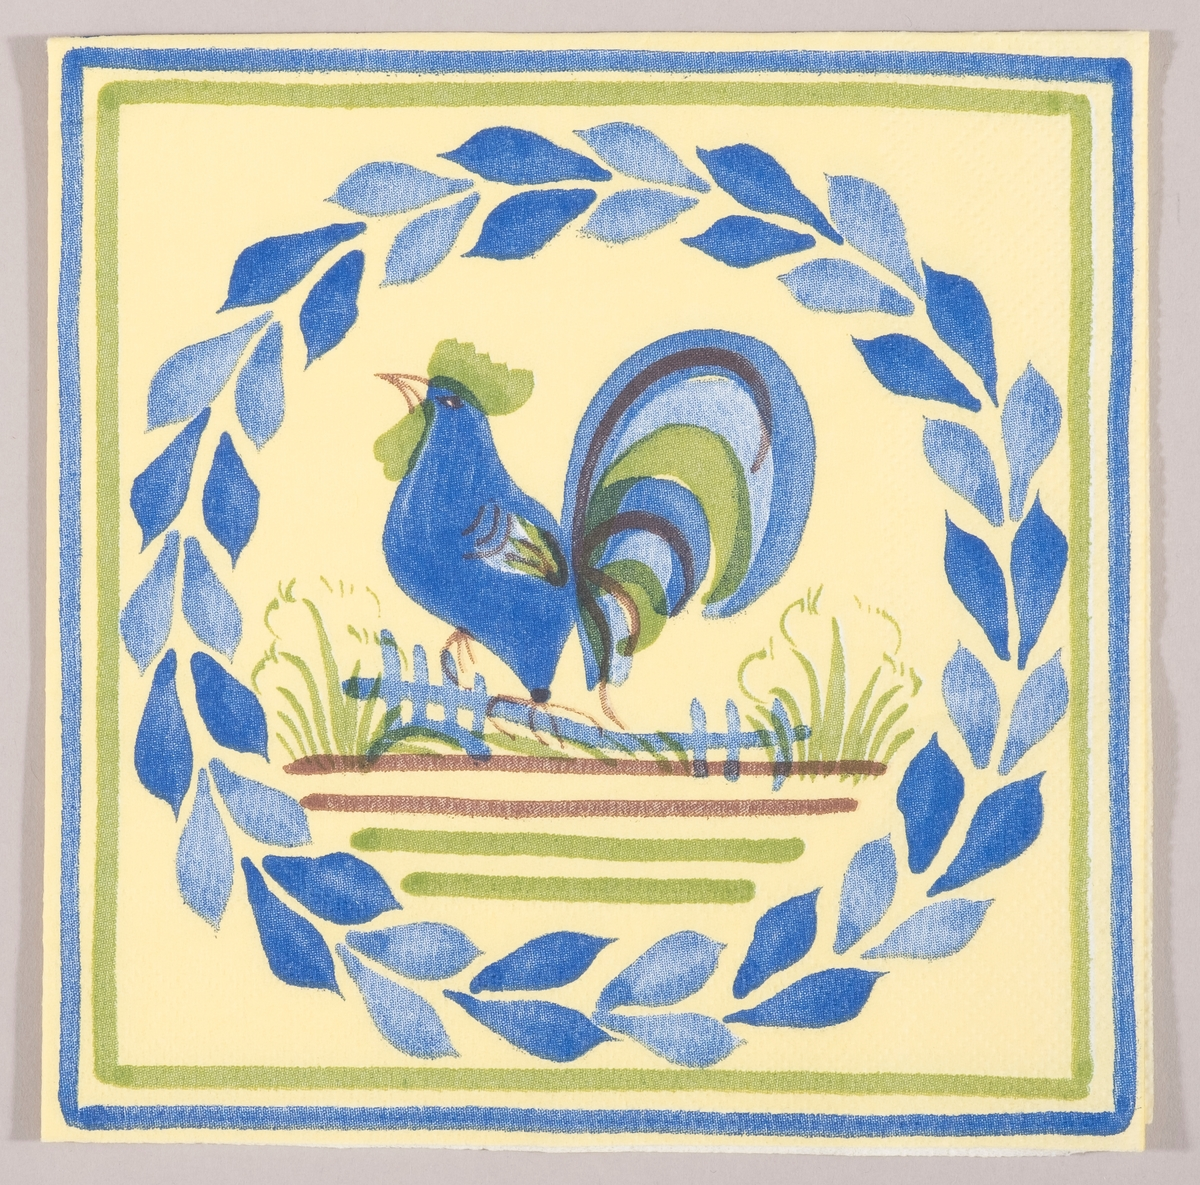 *en blå hane sitter på et gjerde. En rund krans av blå blader